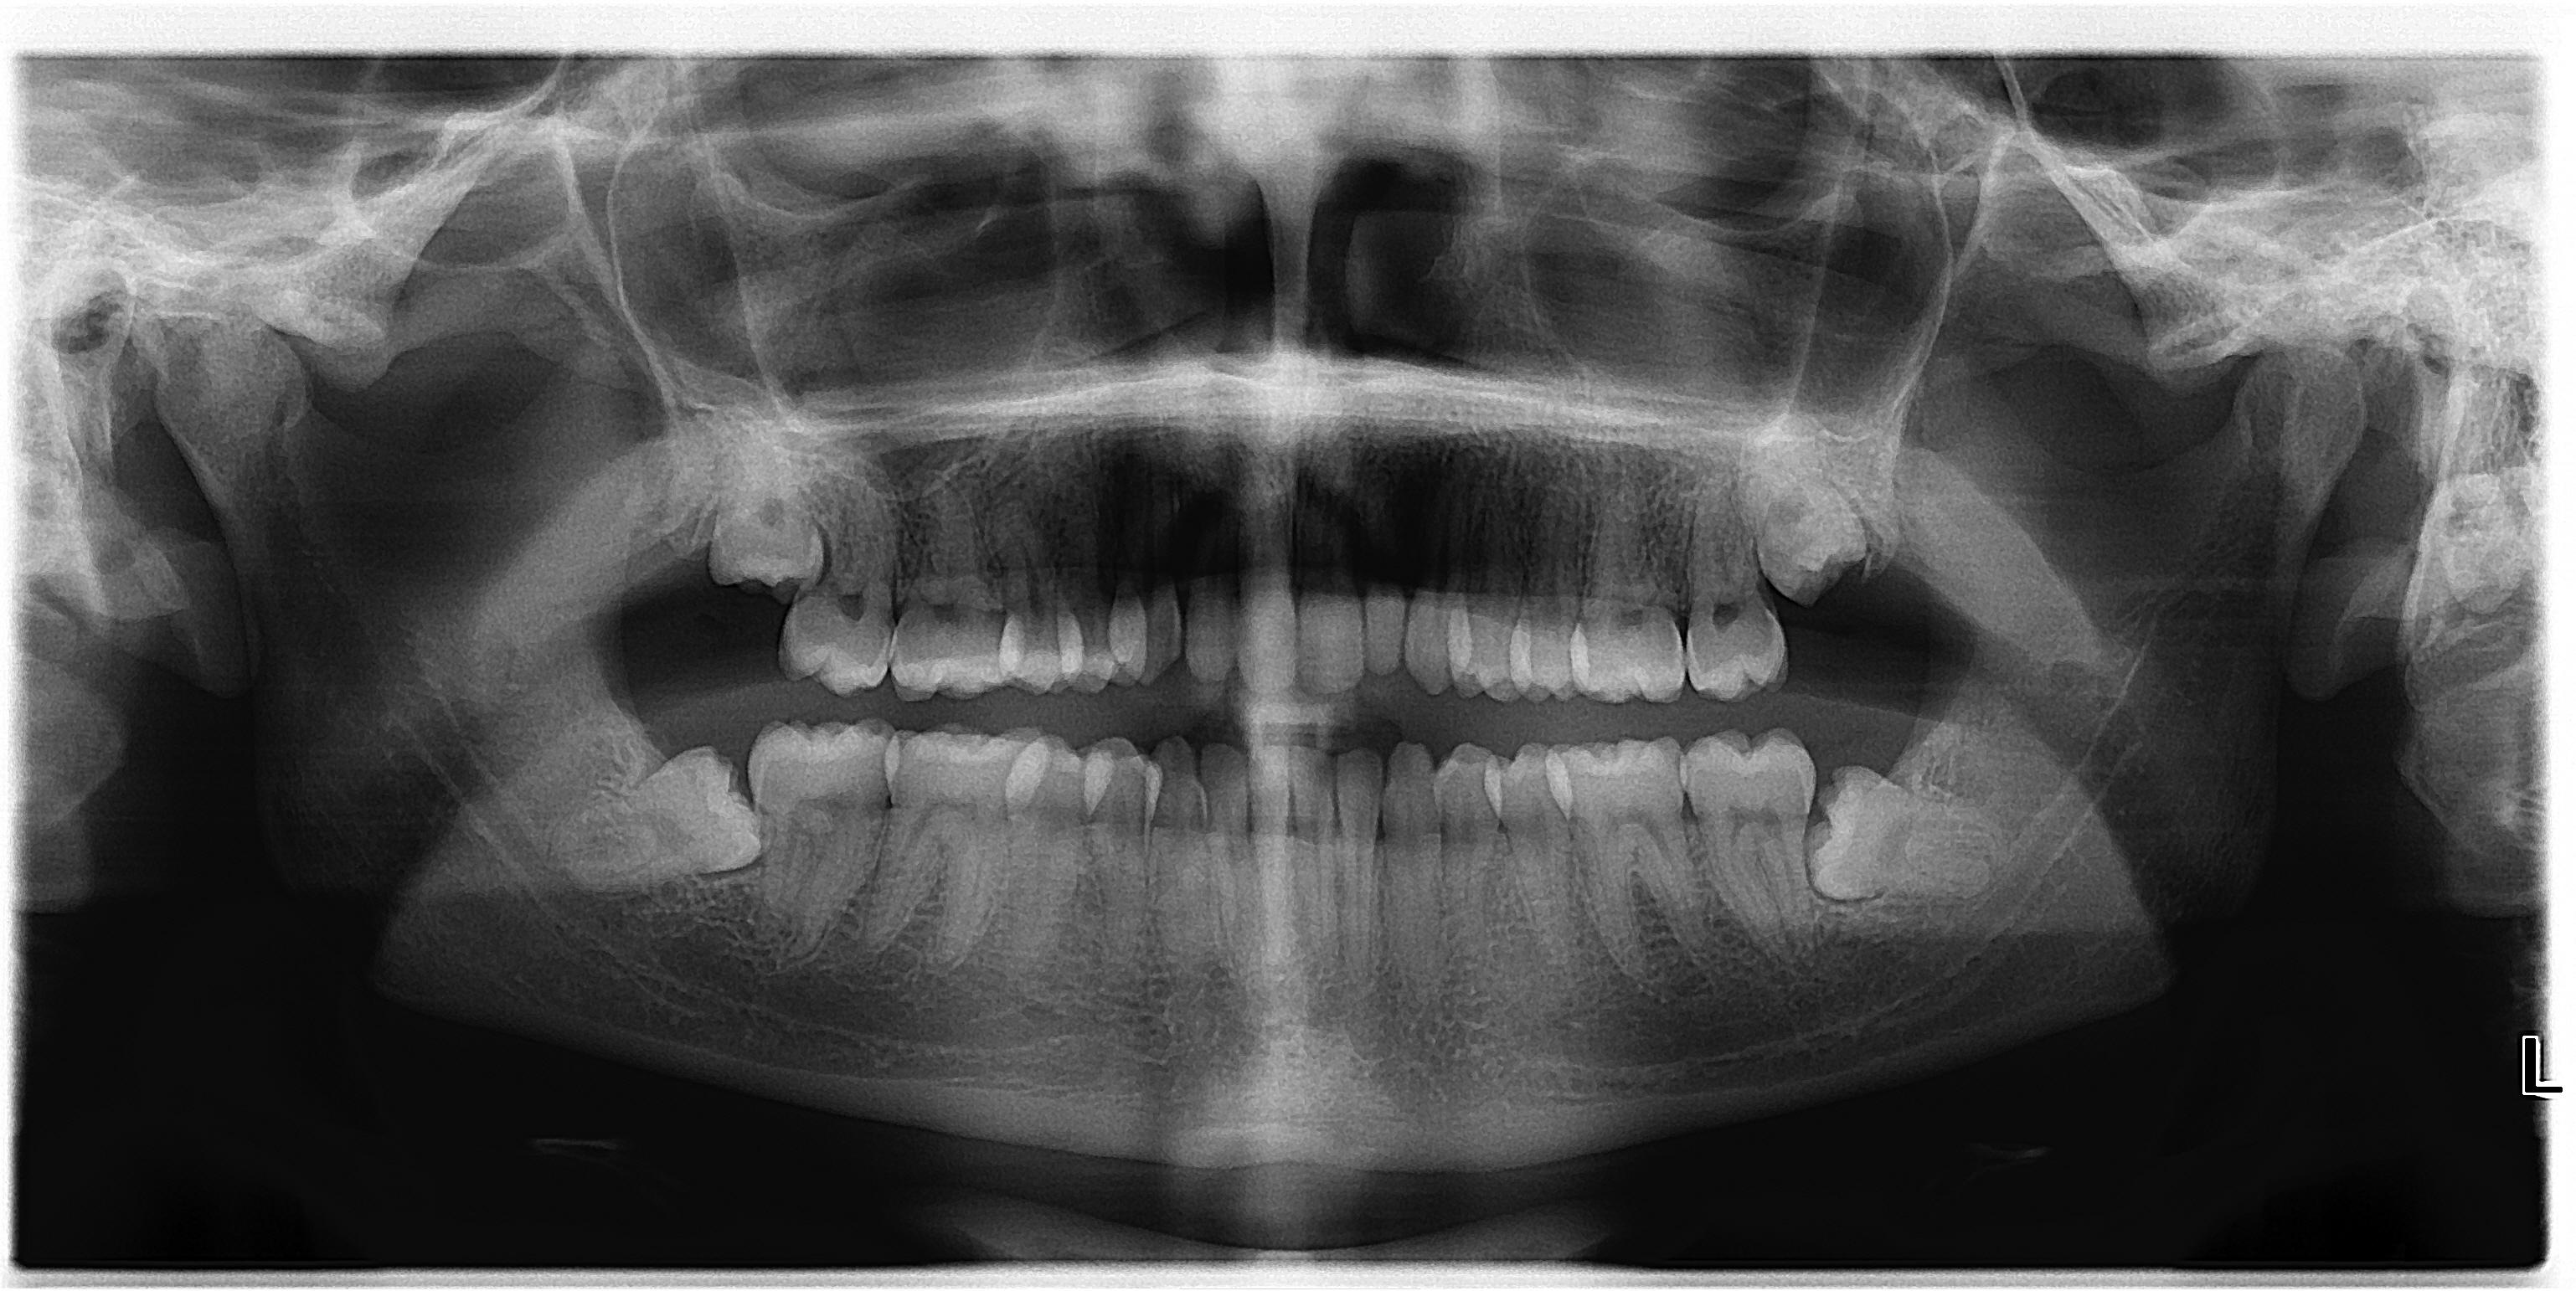 File:Asymptomatic disease free impacted wisdom teeth.jpg